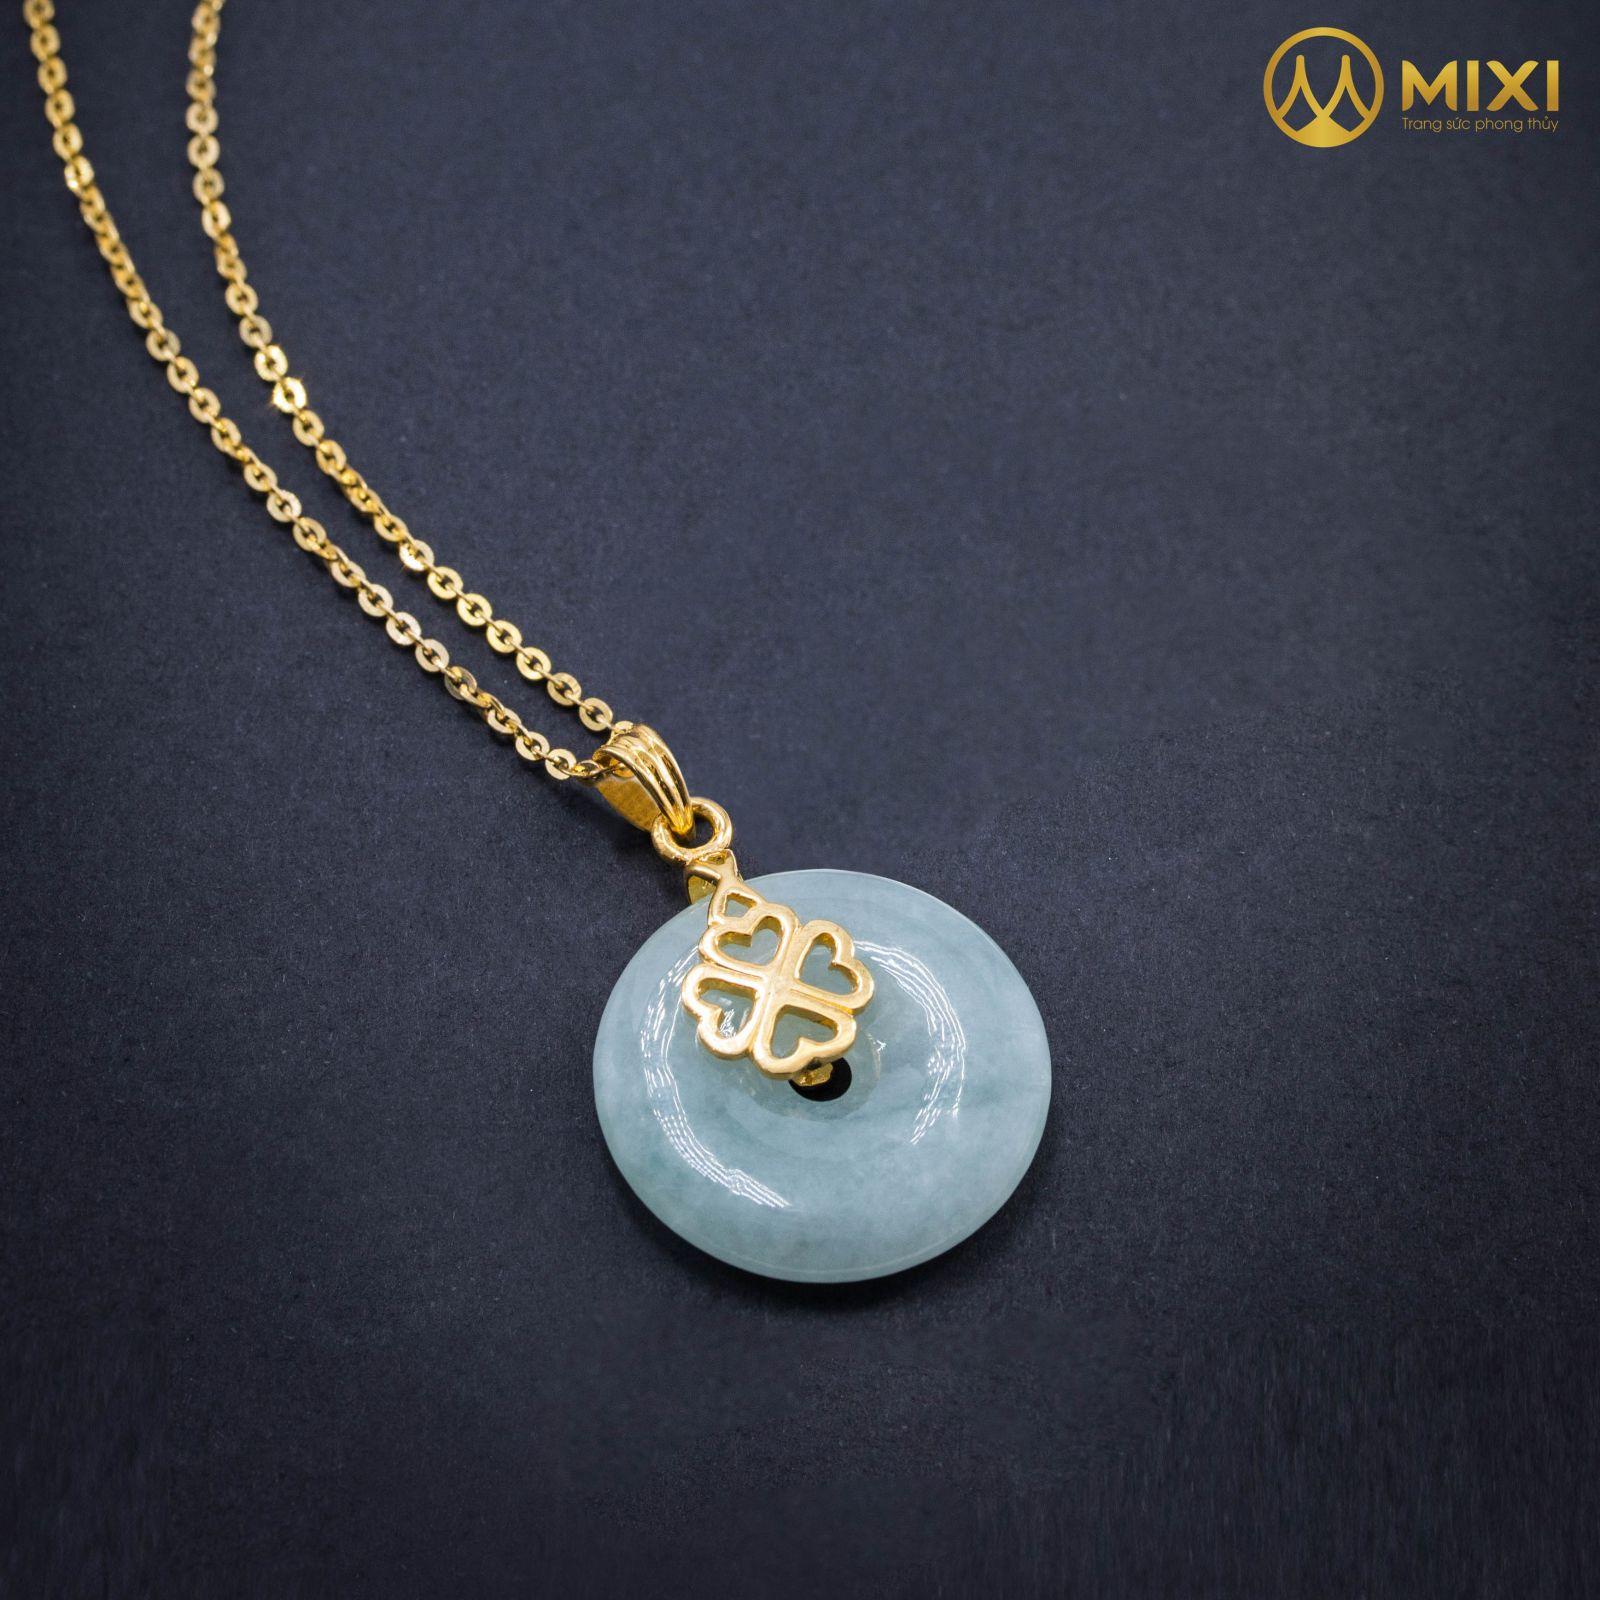 Mặt Đá Đồng Điếu Ngọc Cẩm Thạch Bọc Vàng Họa Tiết Cỏ 4 Lá Kèm DC Vàng_10K